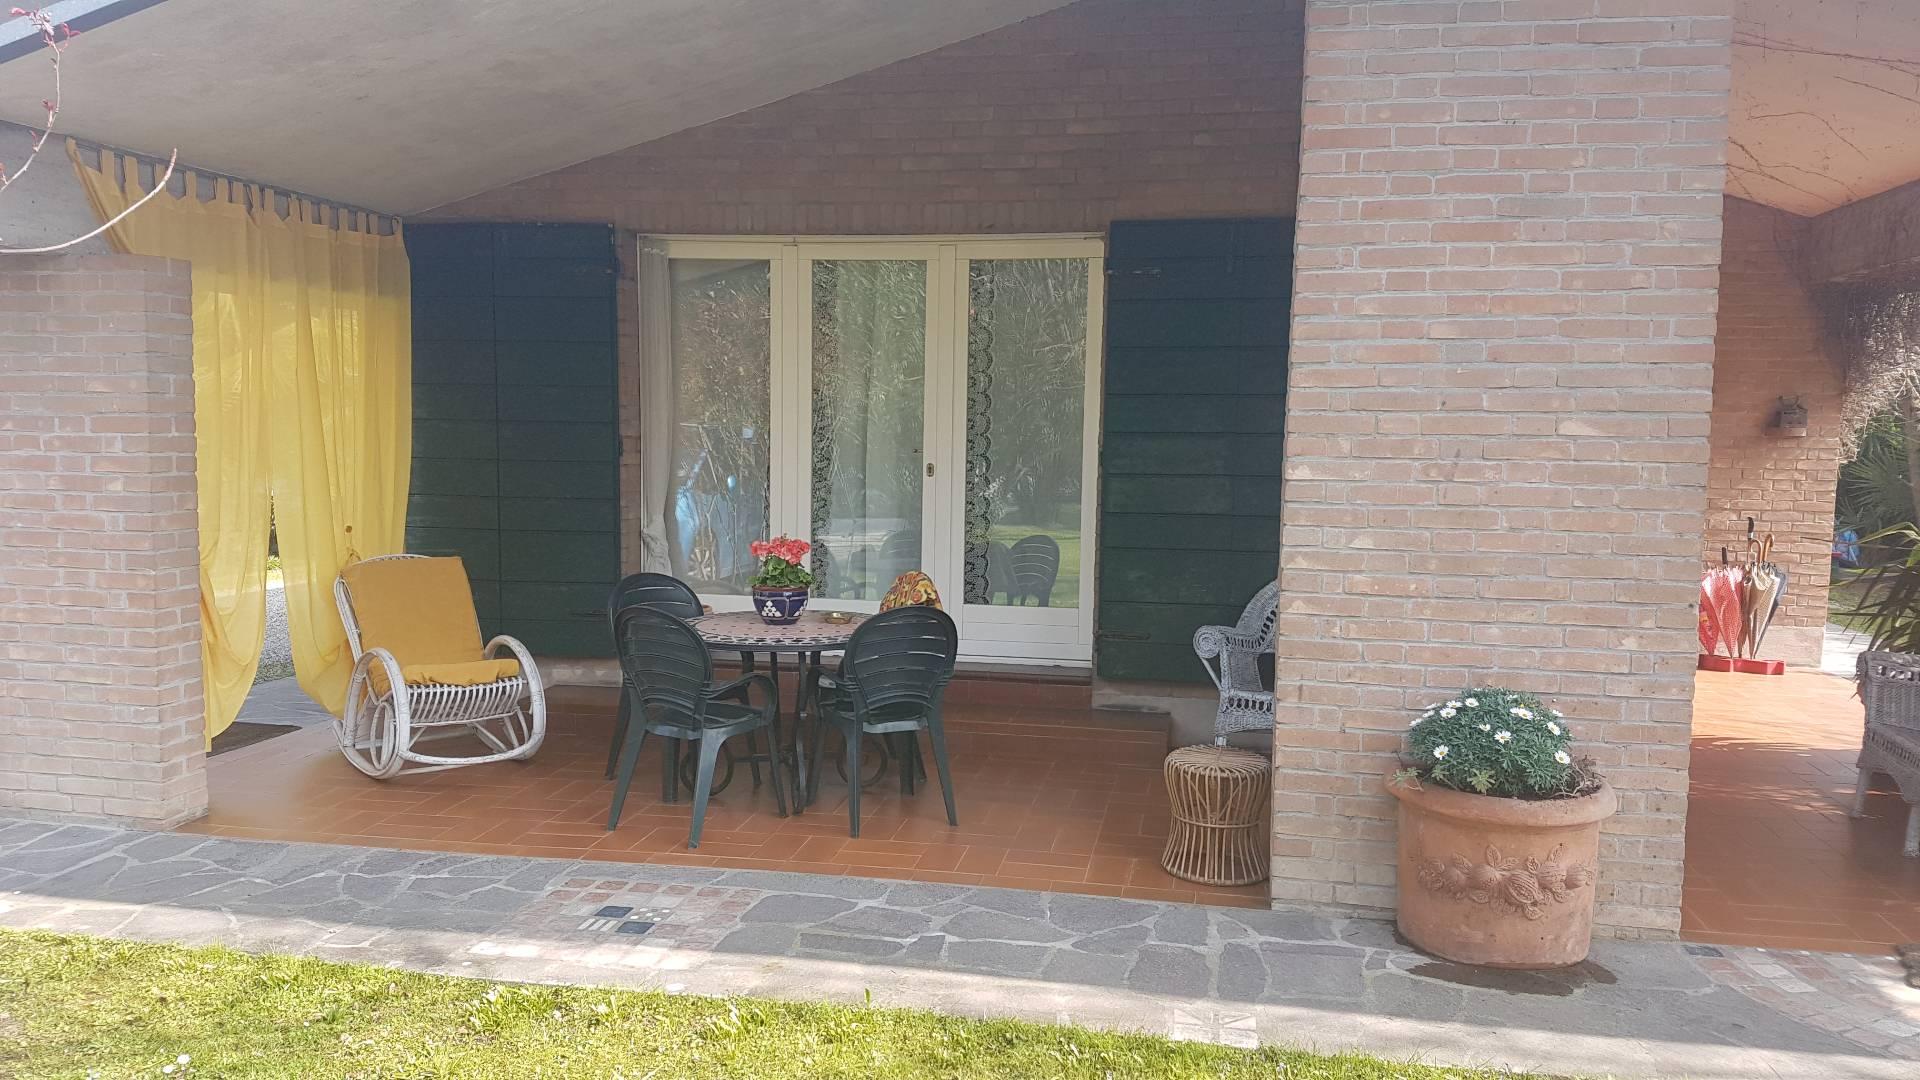 Villa in vendita a Musile di Piave, 10 locali, zona Località: centro, prezzo € 350.000 | Cambio Casa.it